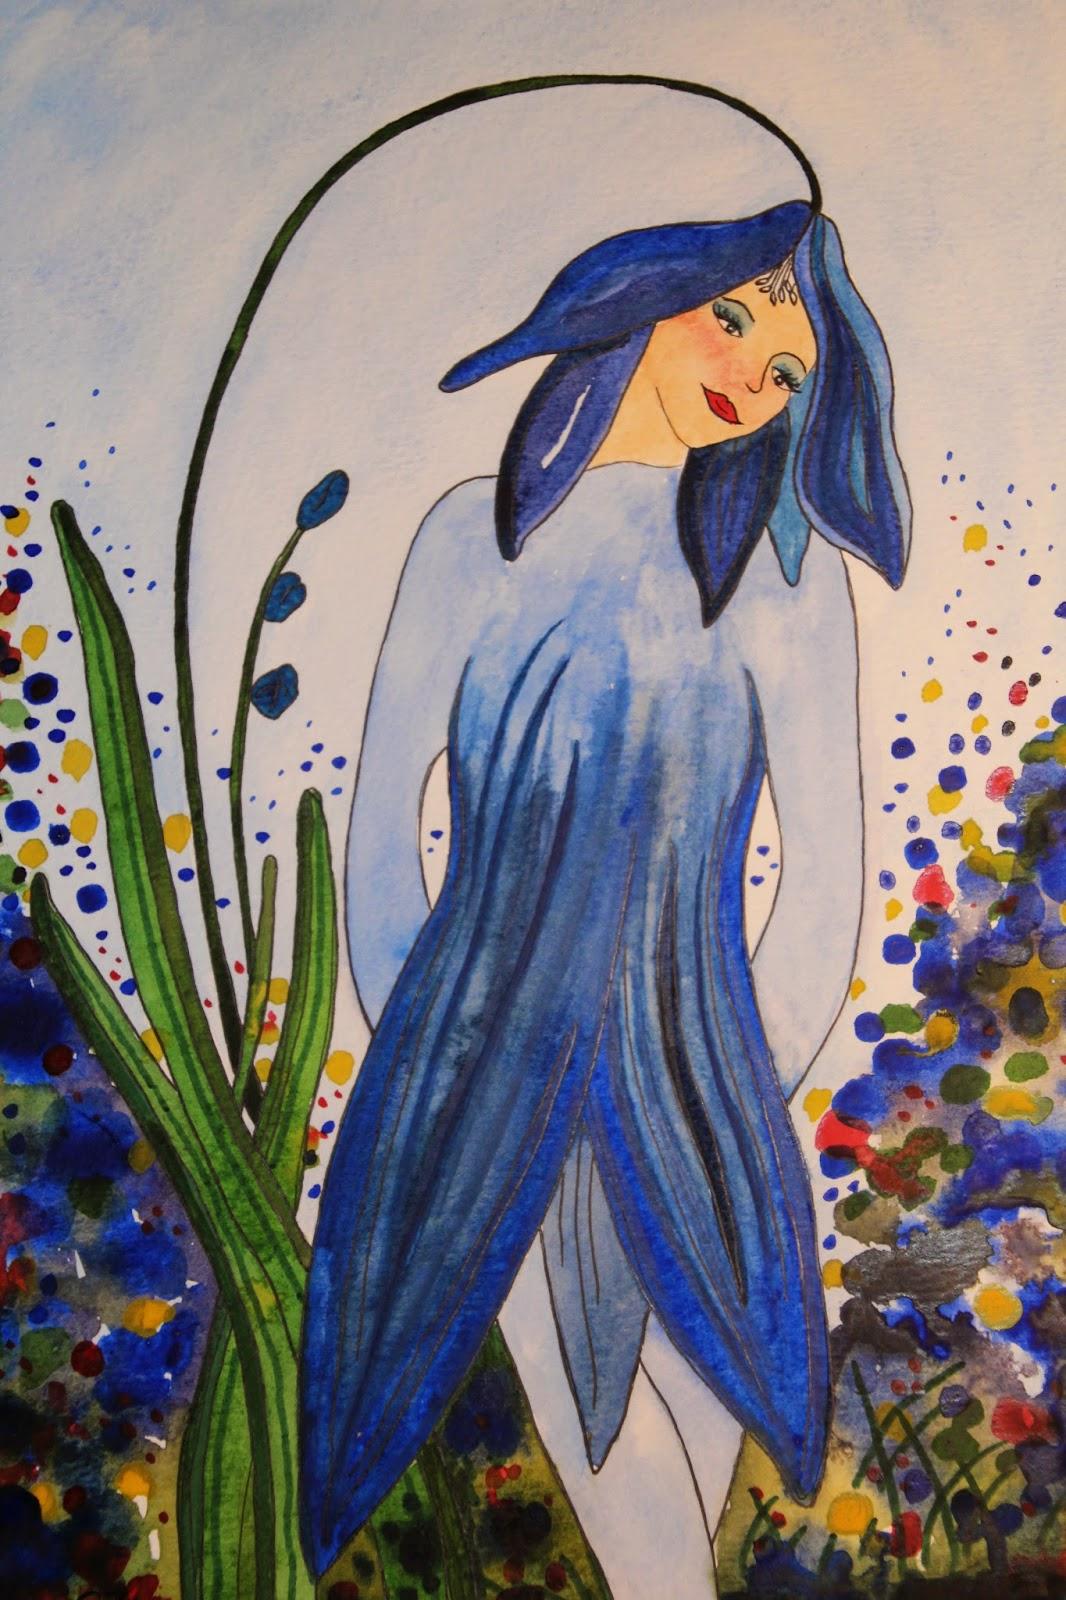 scilla blåstjärna illustration carolin zander